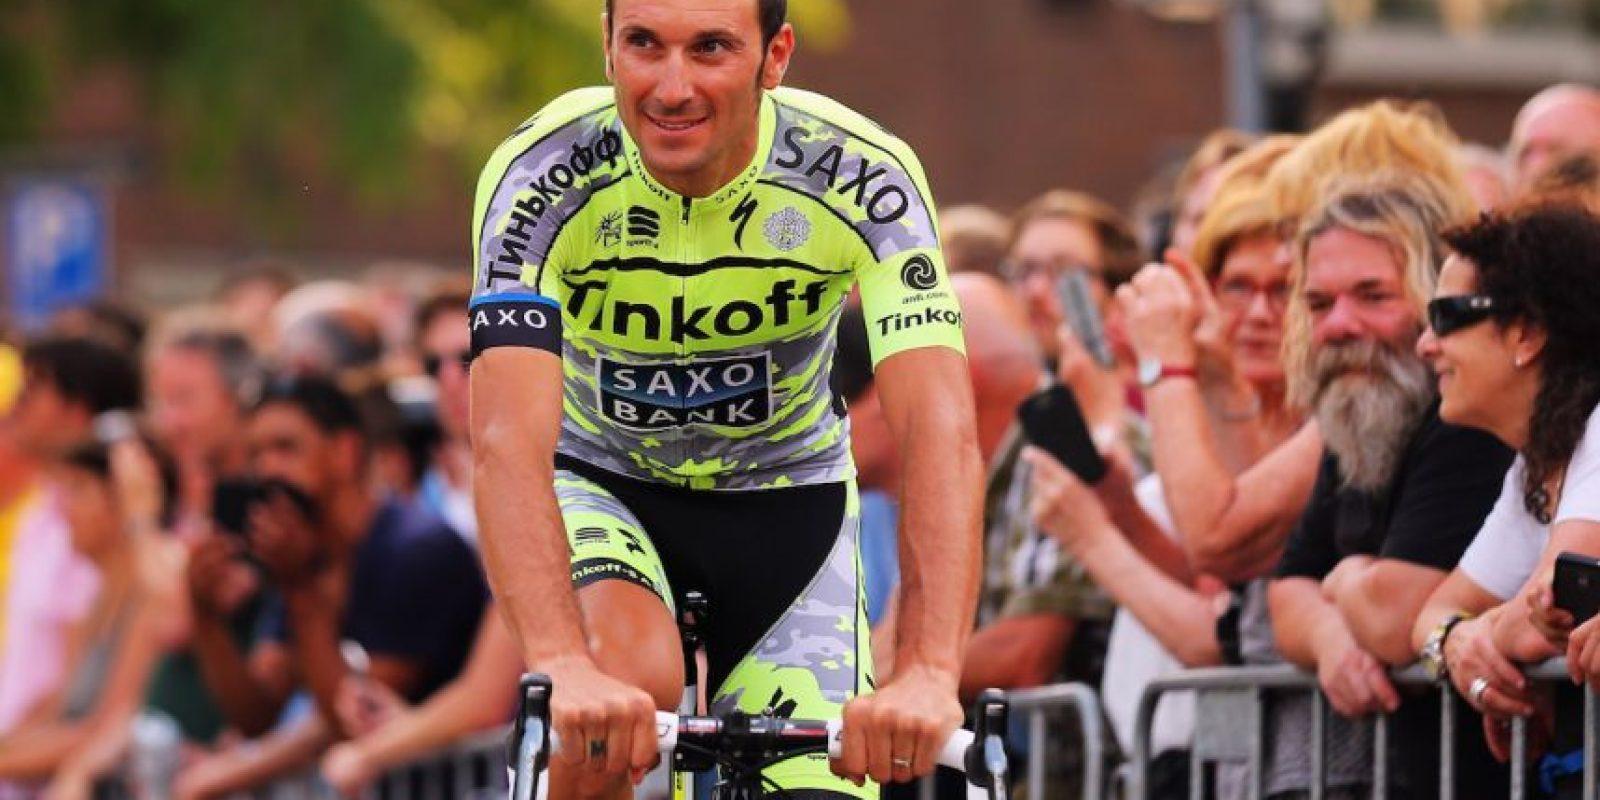 Este ciclista italiano se retiró de la competencia en pleno Tour de Francia 2015 pues le detectaron cáncer en los testículos. Fue operado de manera urgente y aunque en septiembre sus médicos aseguraron que no quedaban rastros de este mal en su cuerpo, se retiró del ciclismo para completar su recuperación. Foto:Getty Images